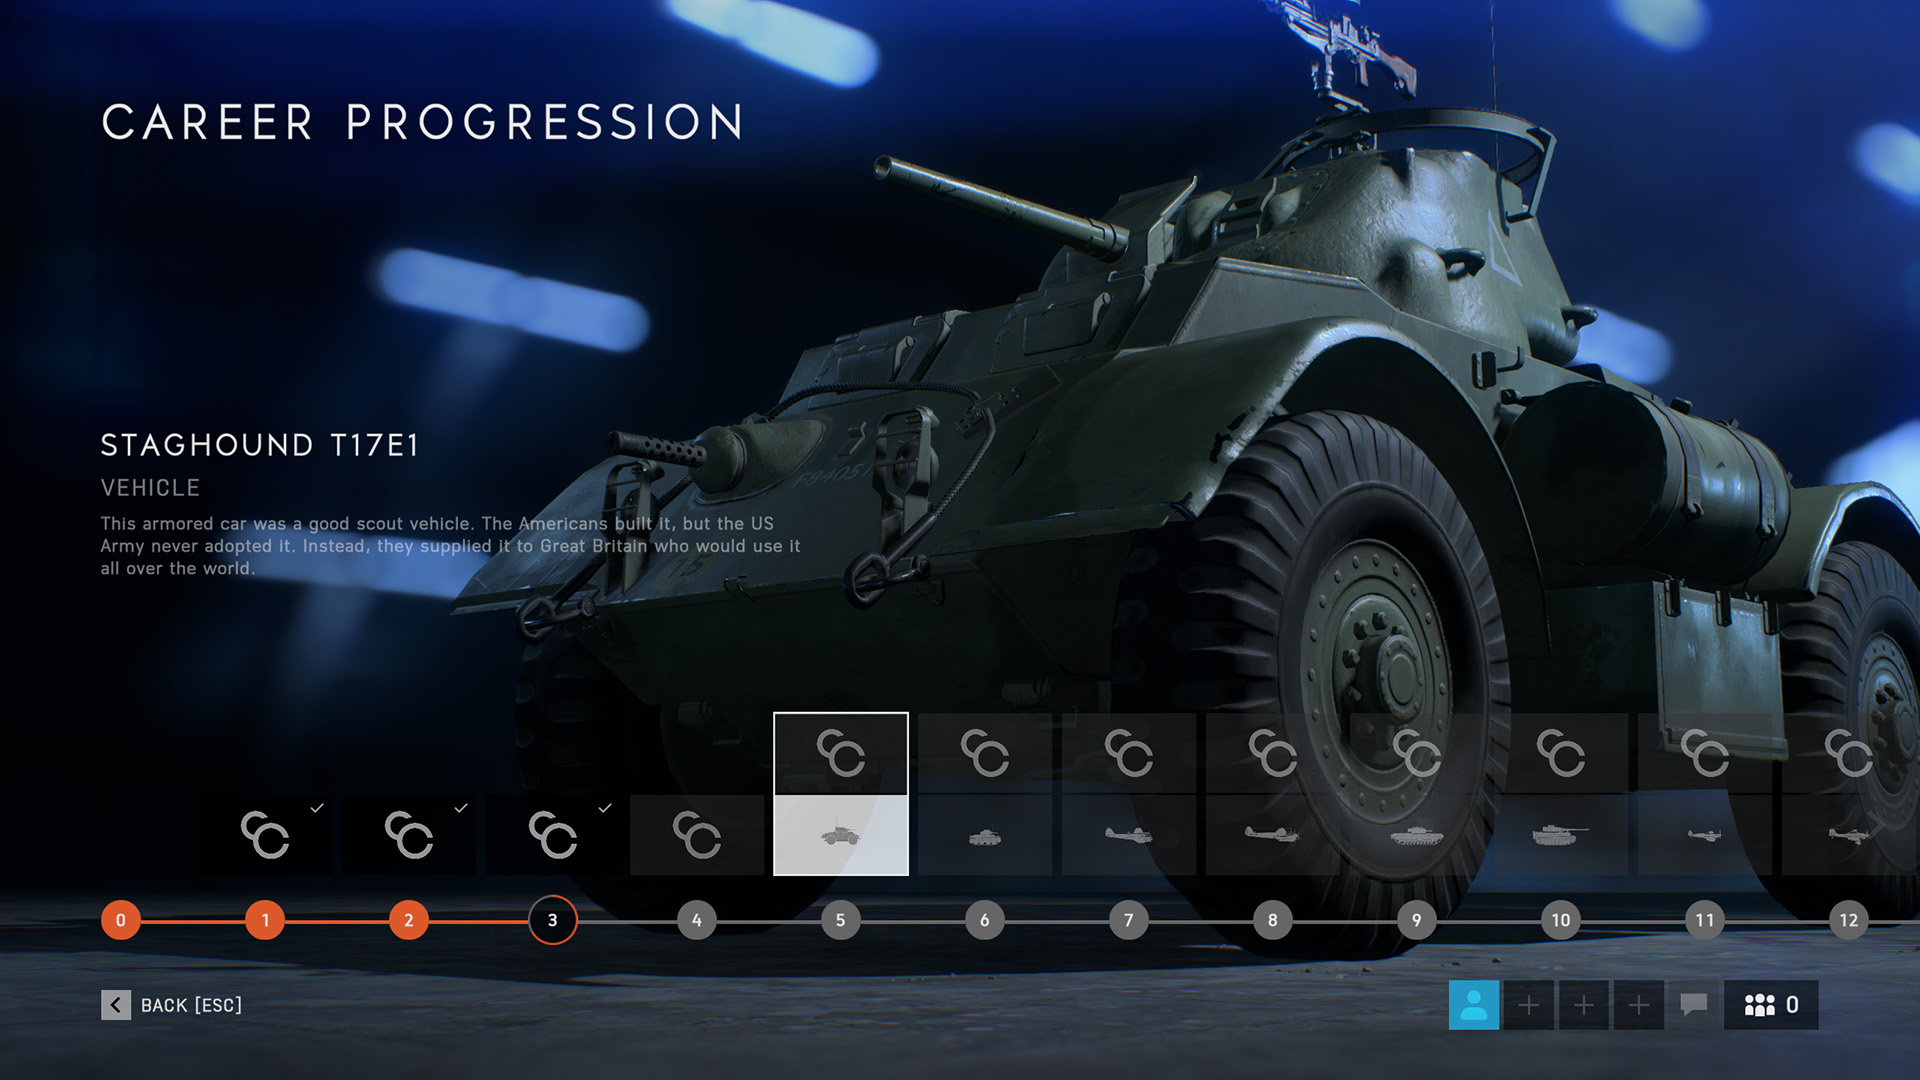 Battlefield V Screenshot 2018_0037_Battlefield V Screenshot 2018.11.11 - 20.28.27.80.jpg